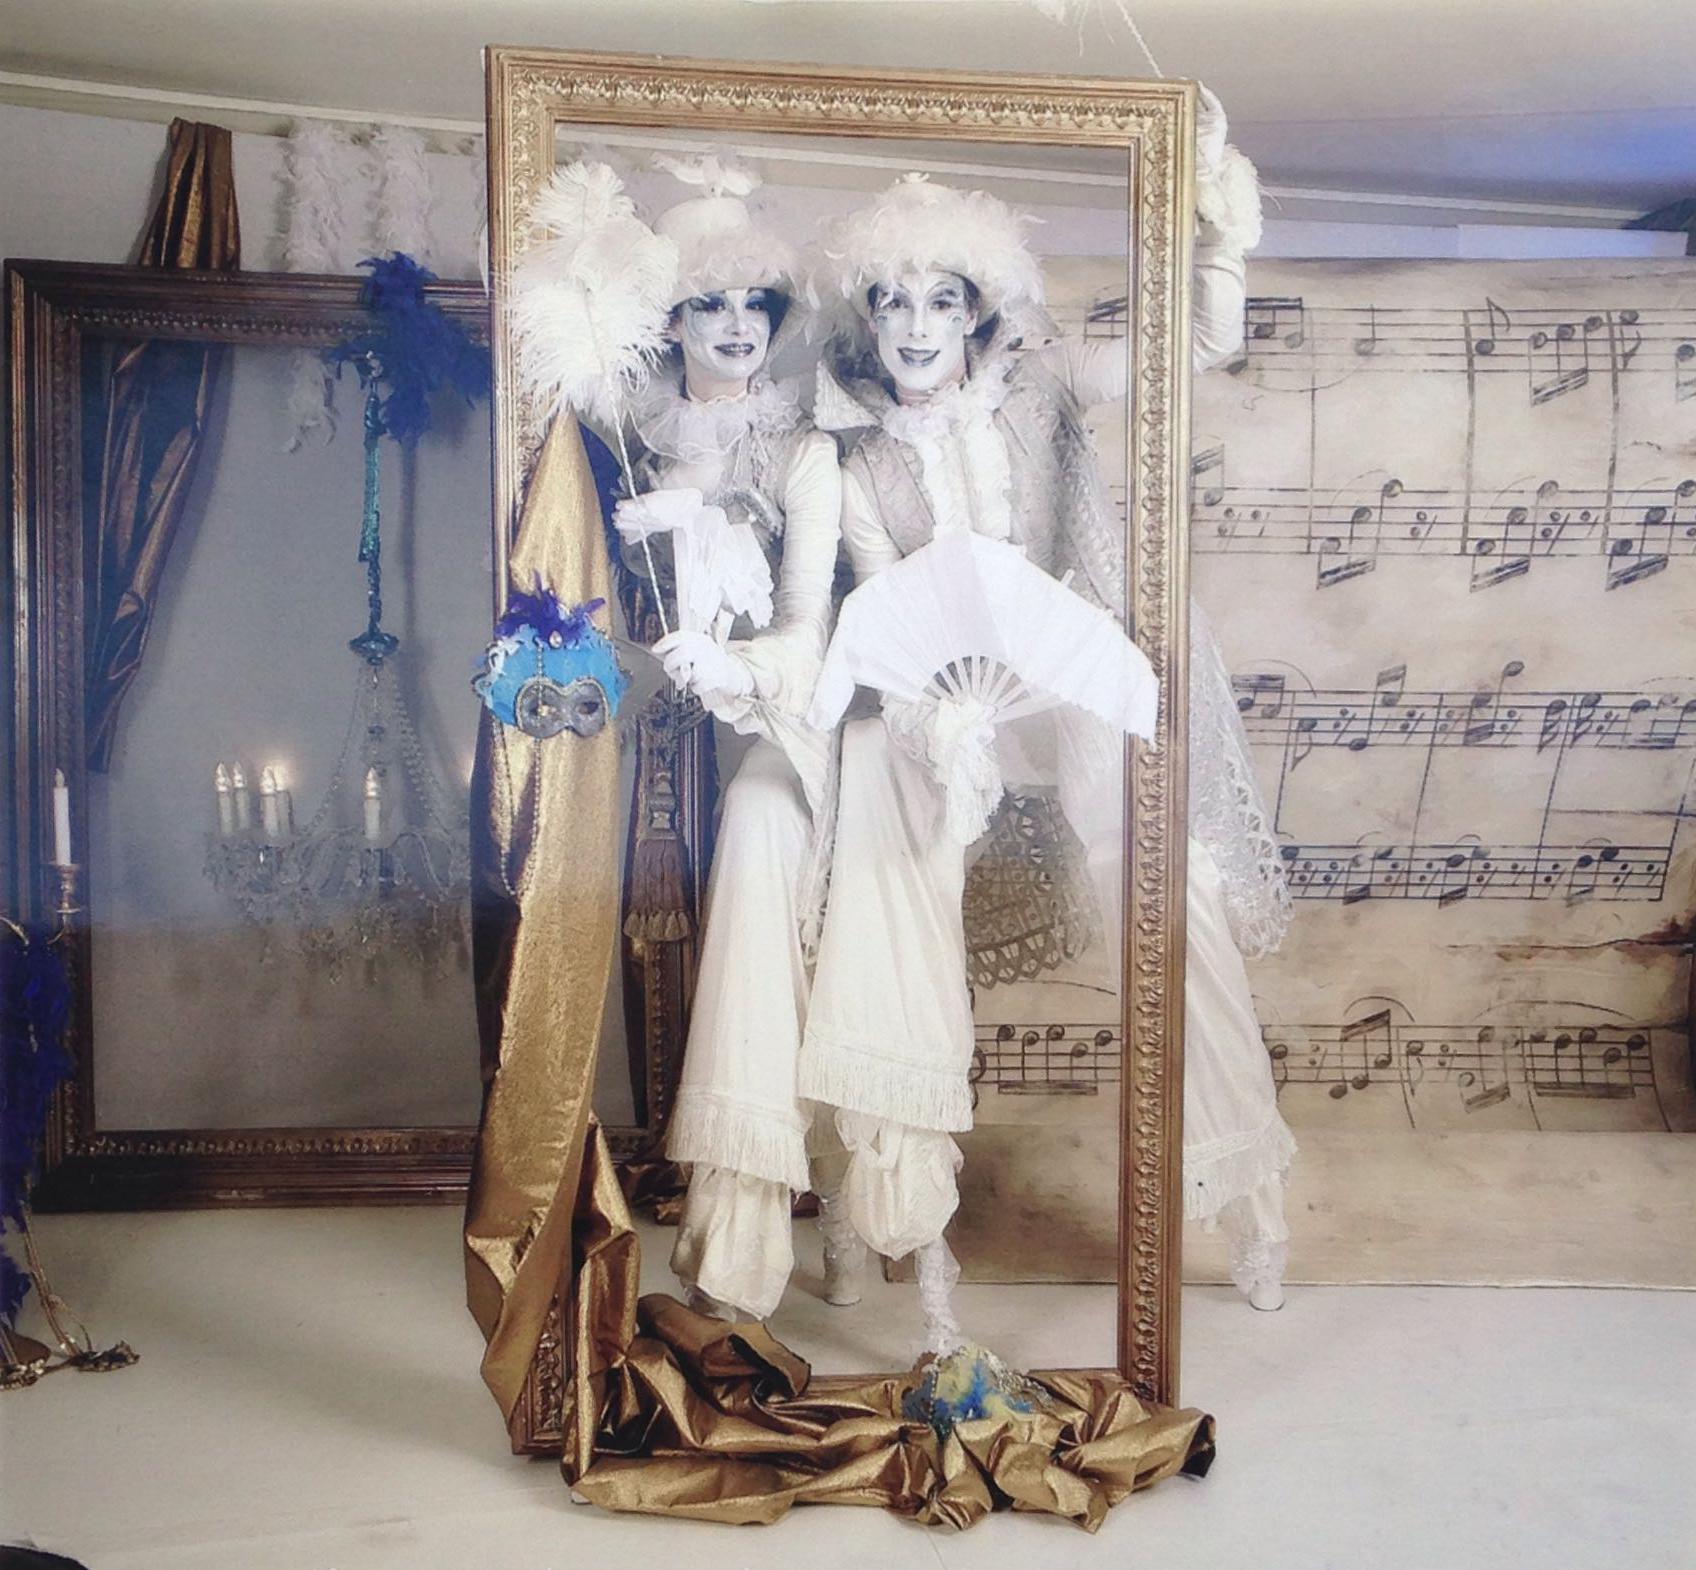 Echassiers blancs Carnaval de Venise